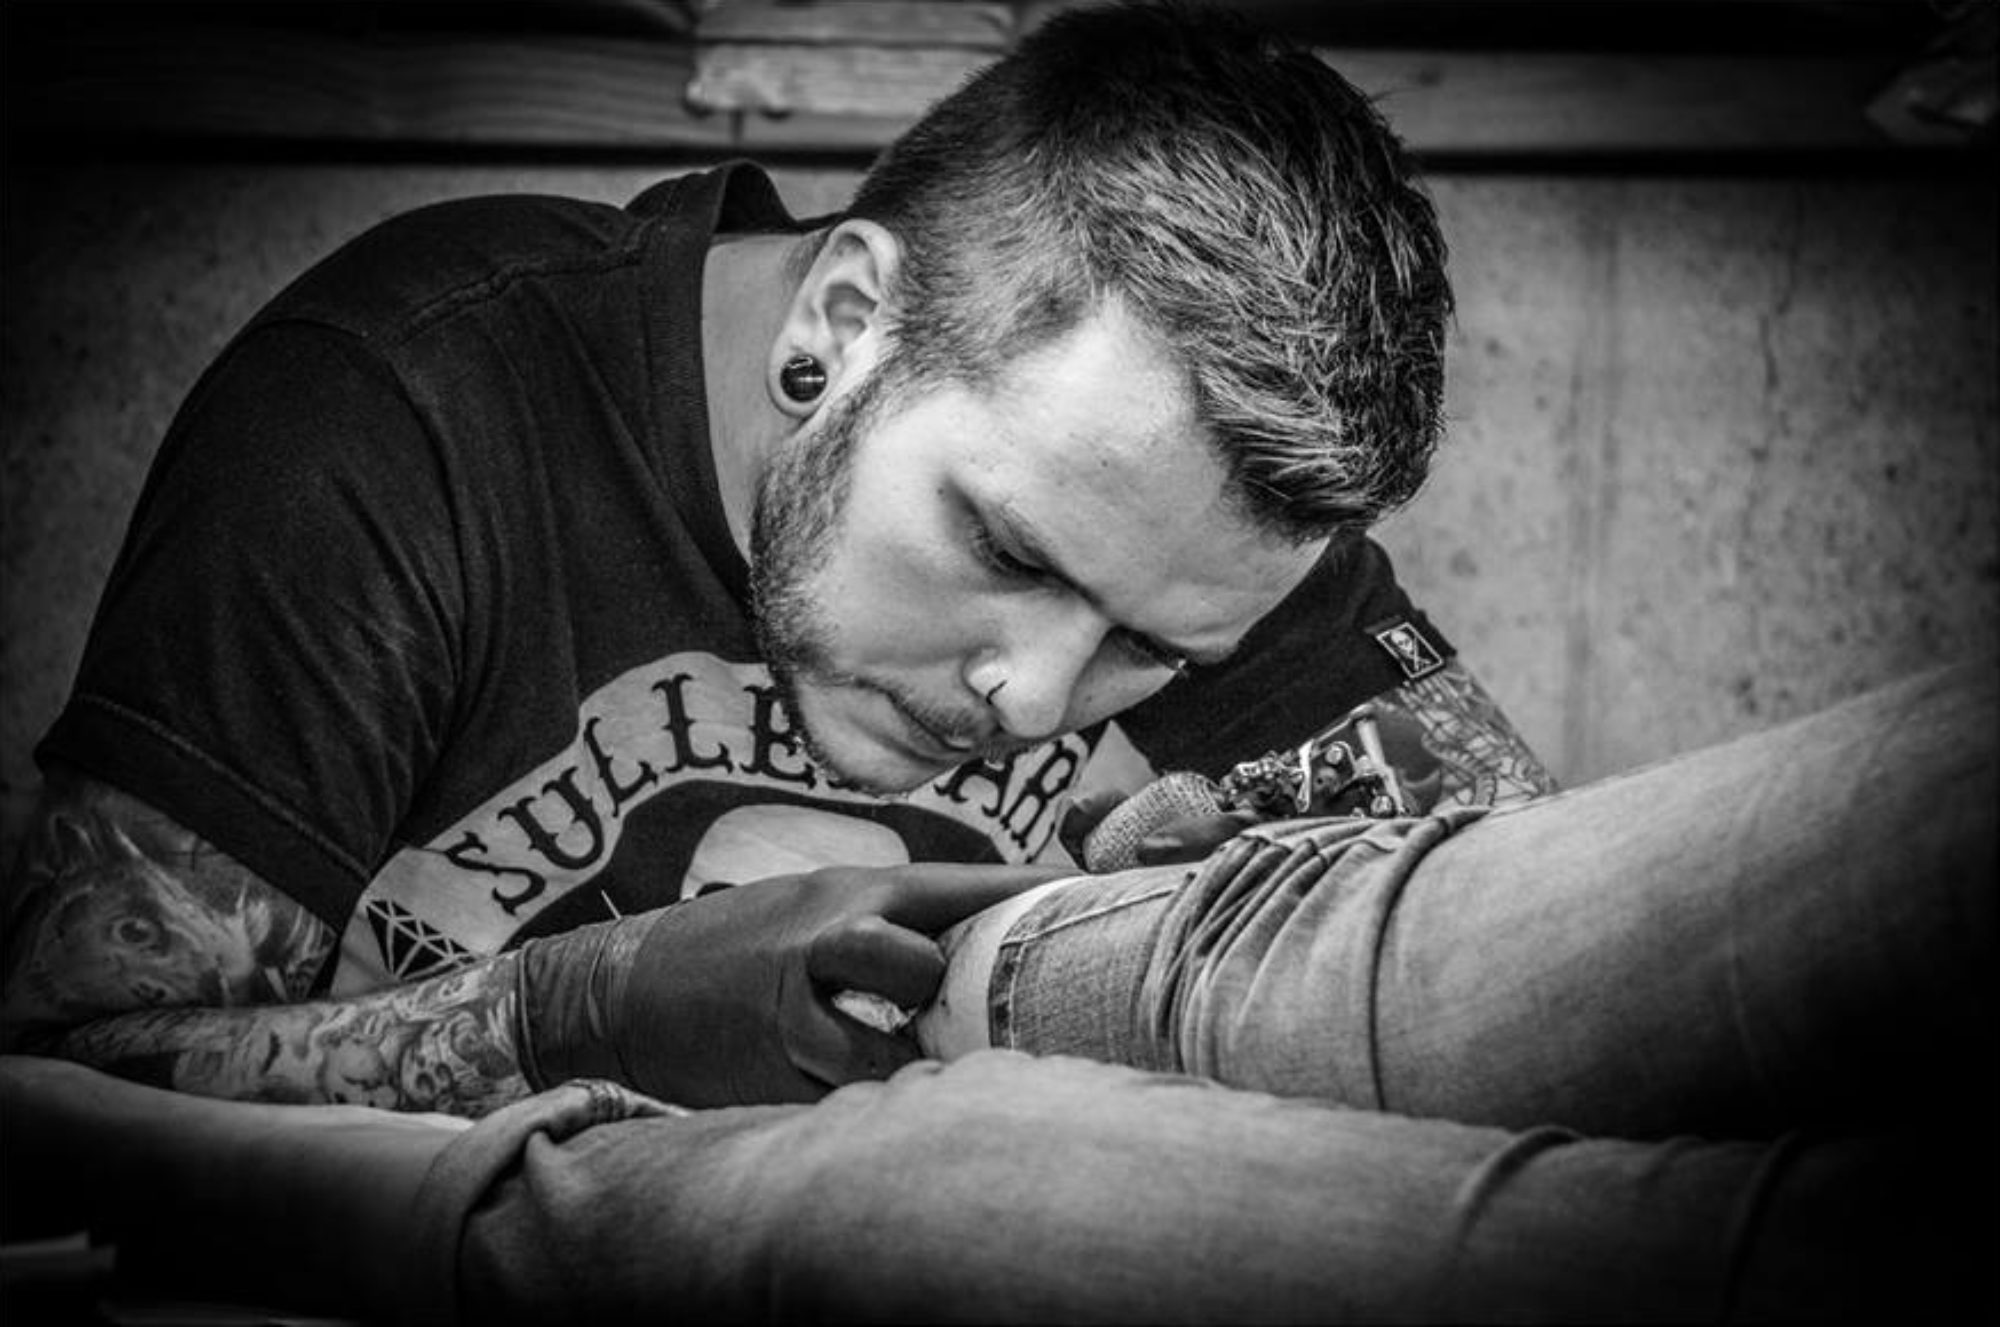 Eddy's tattoo